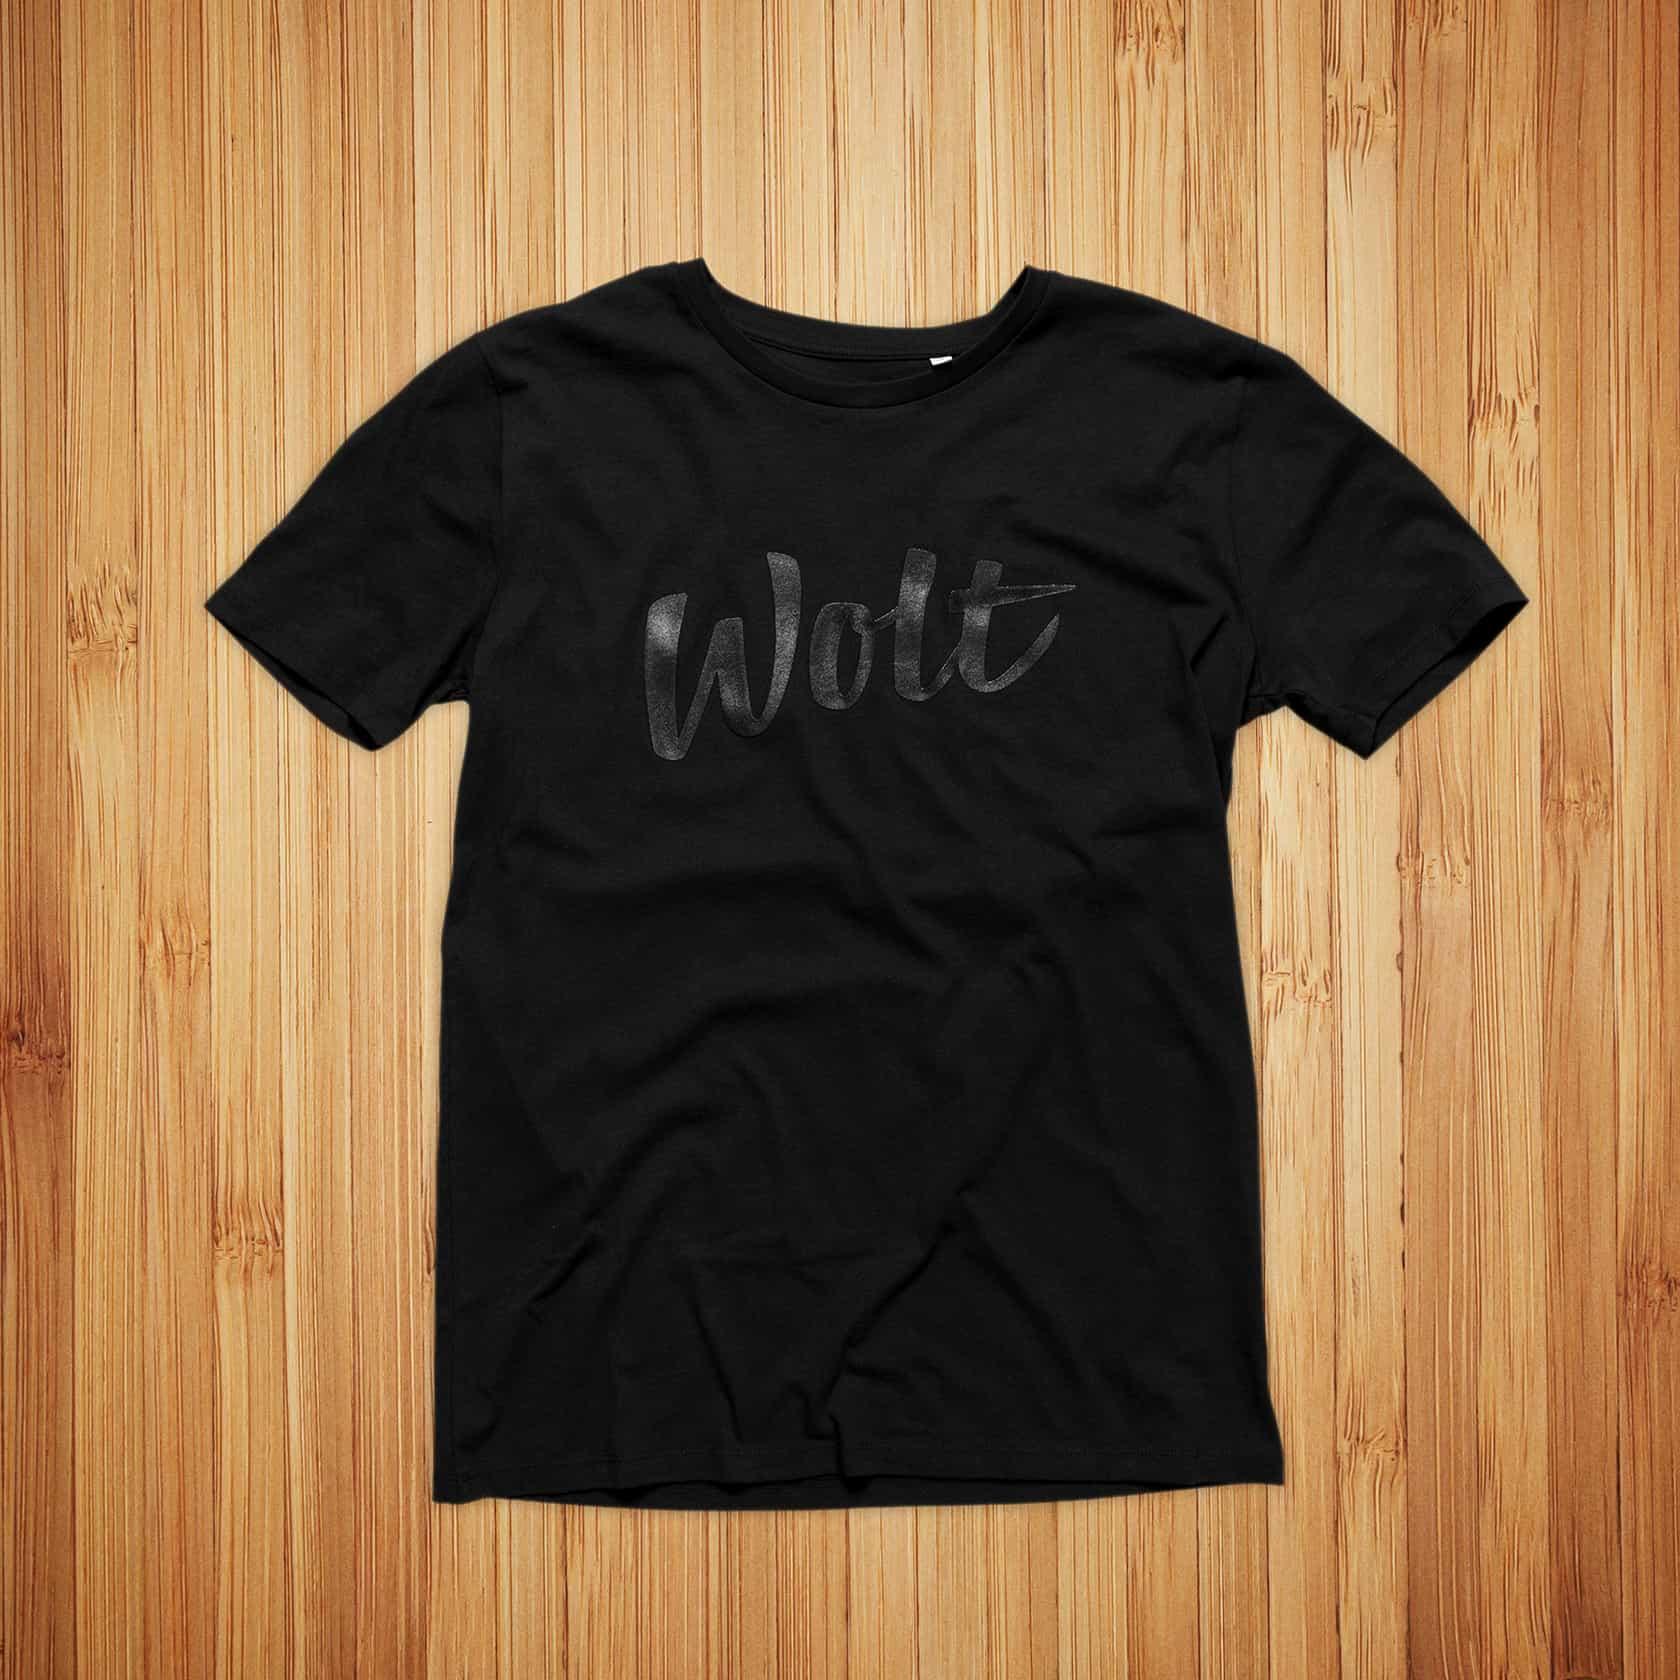 Wolt, musta t-paita ja musta kohopainatus